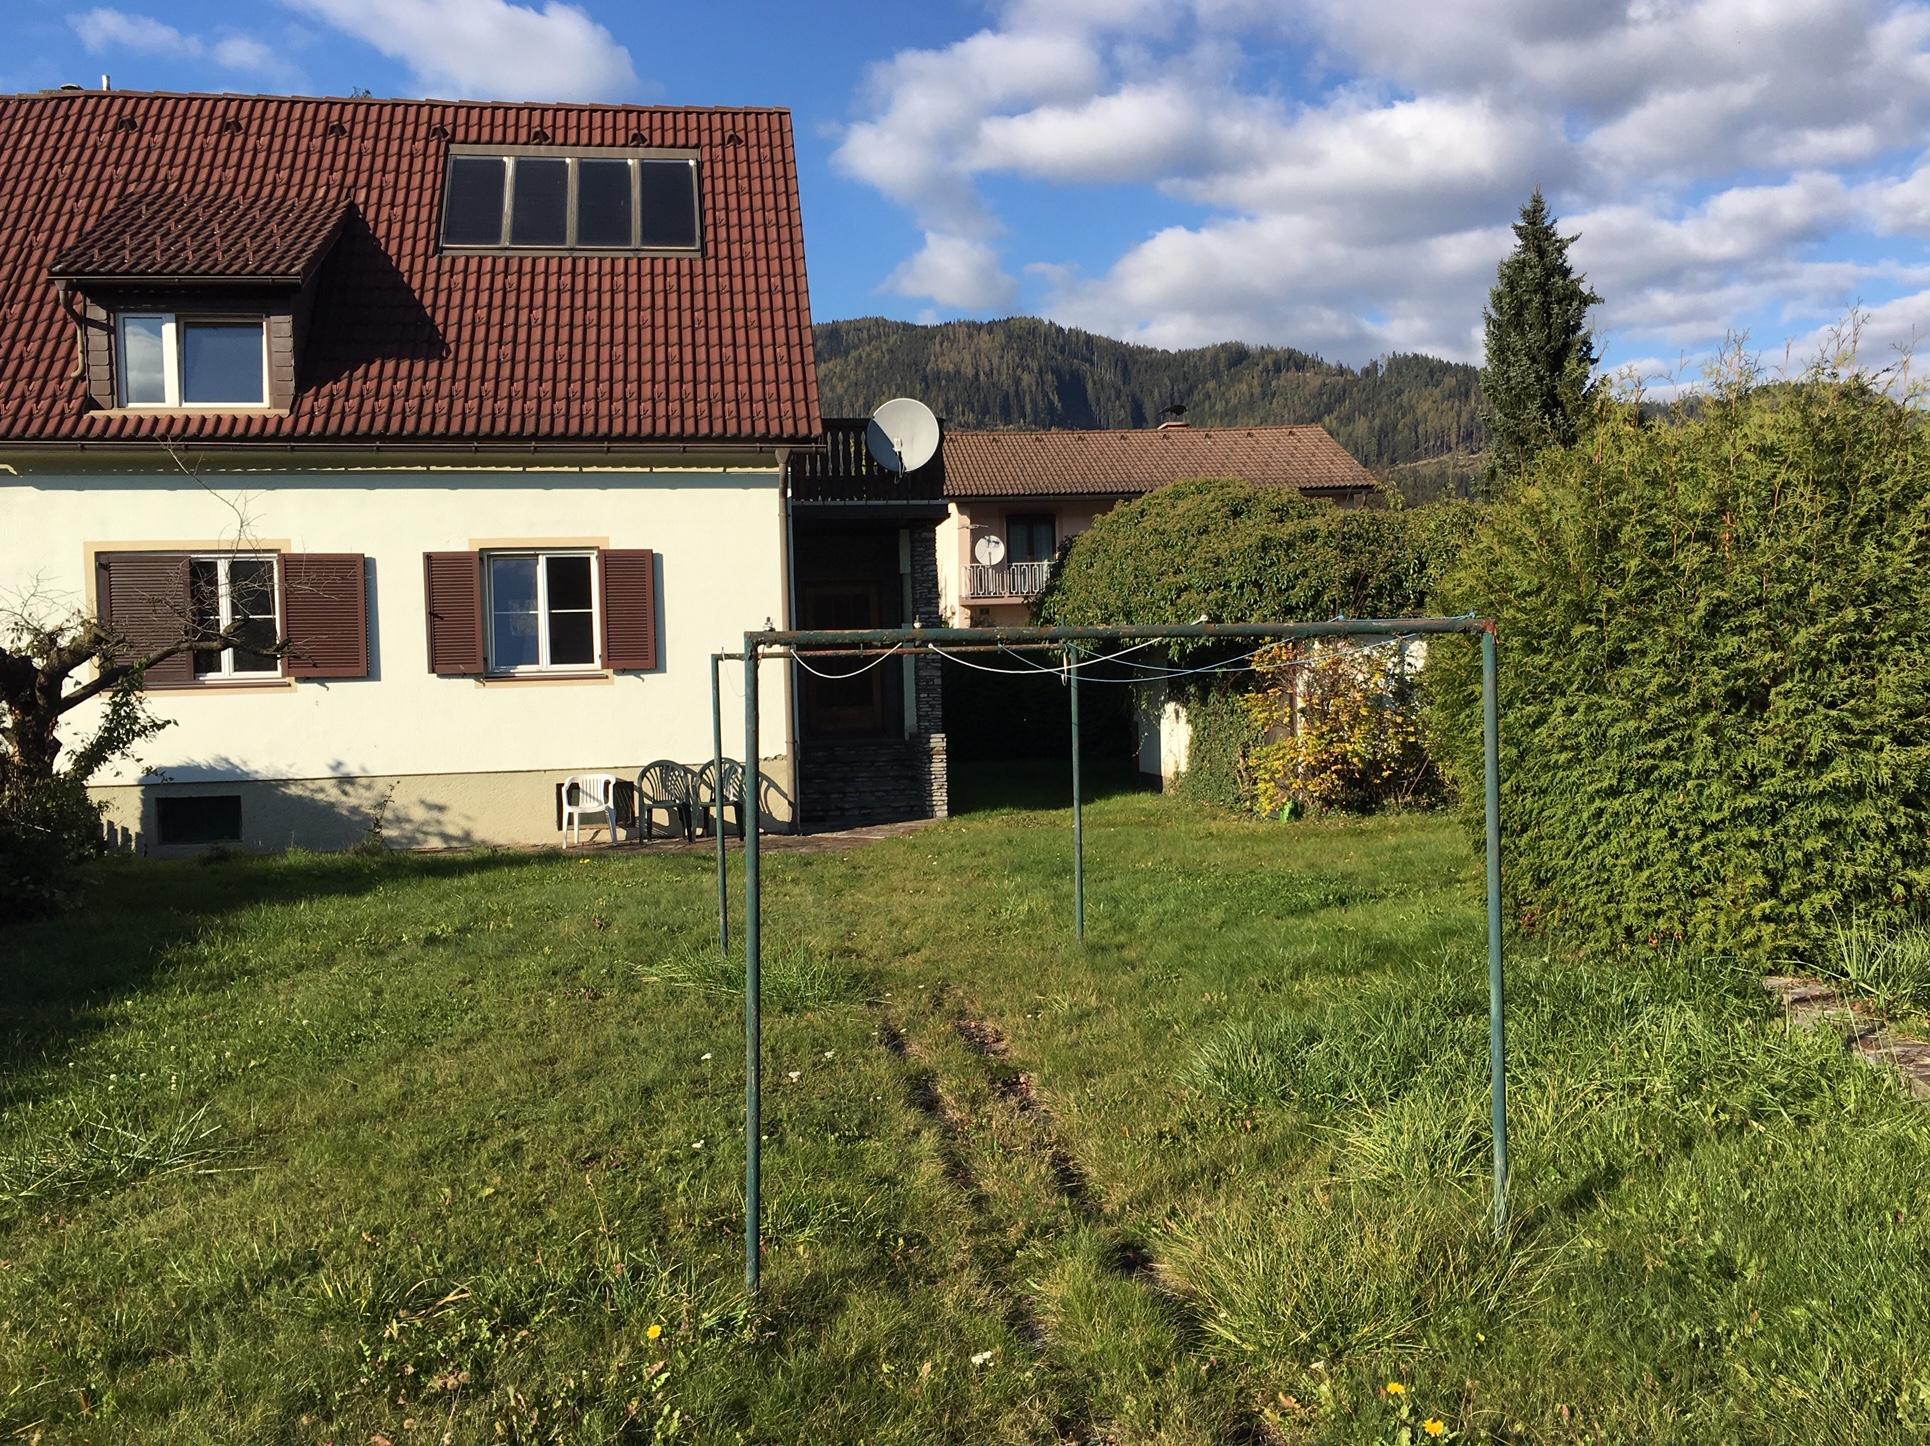 St. Marein -  In der Ruhe liegt die Kraft - Sehr schönes ebenes Grundstück mit sanierungsbedürftiger Doppelhaushälfte